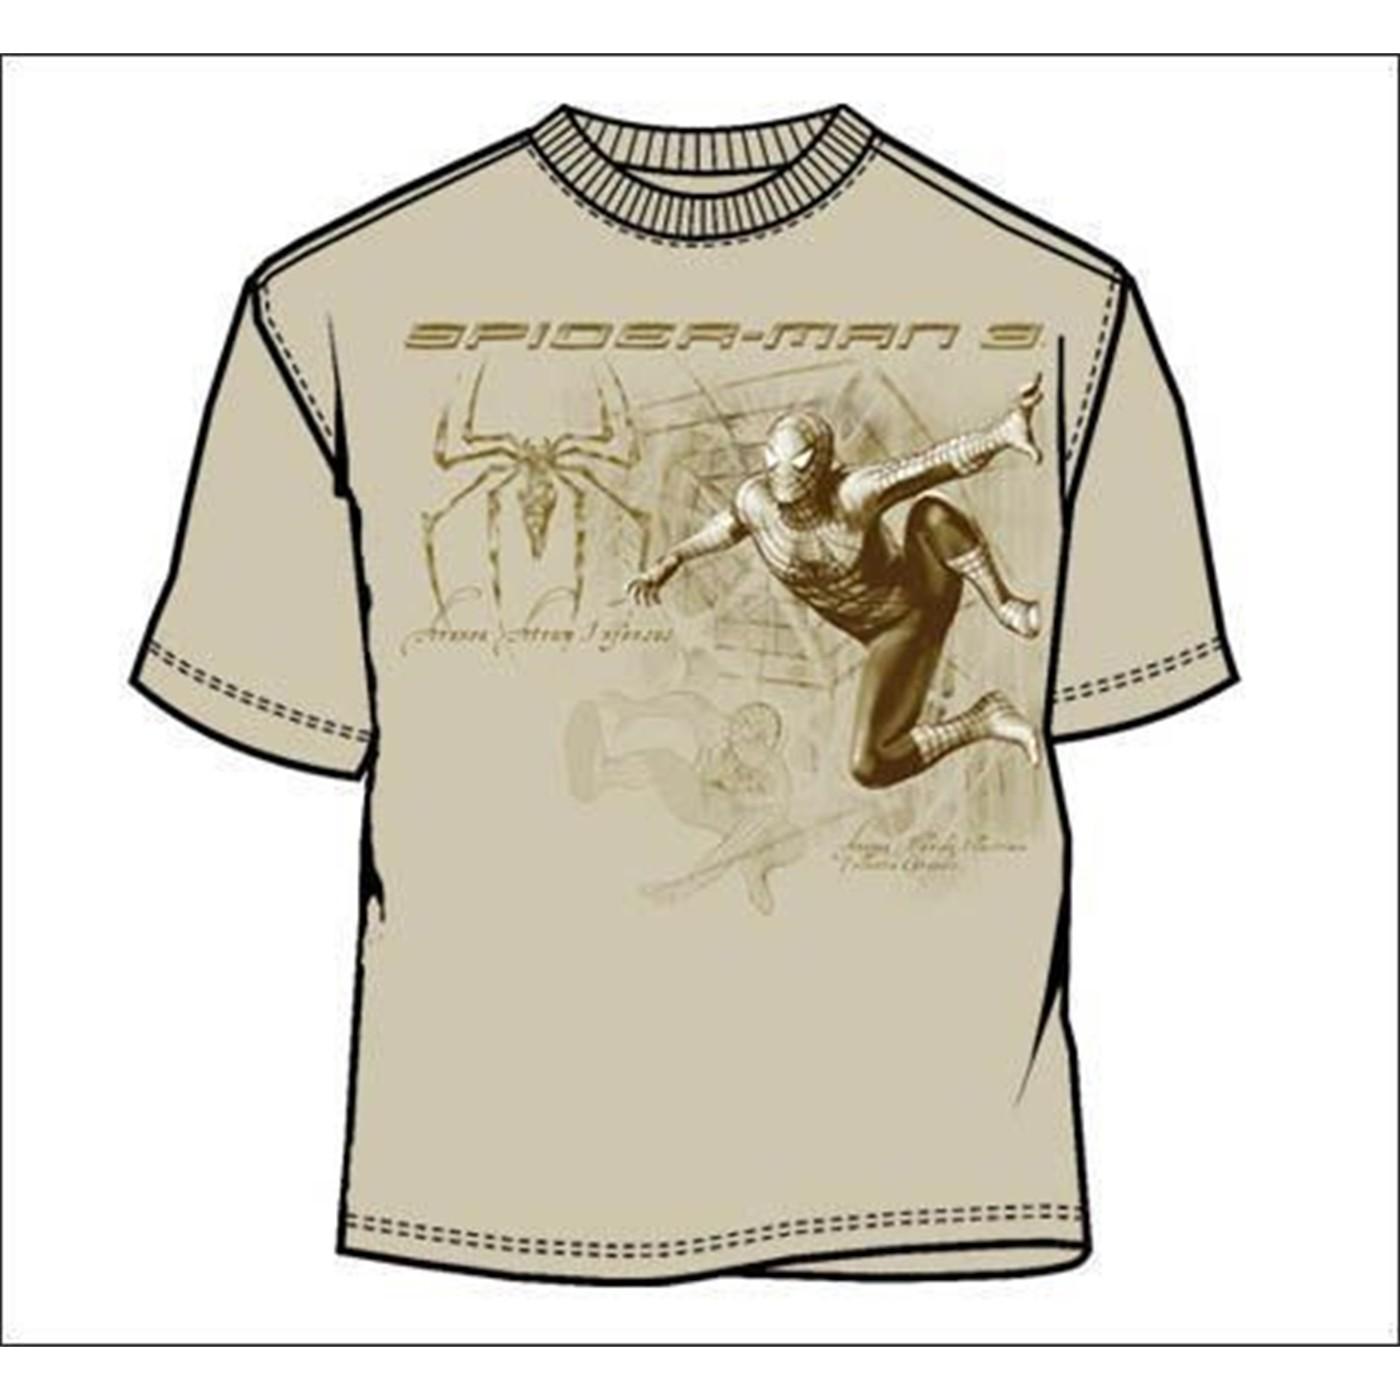 Spiderman Code Stencil T-Sshirt